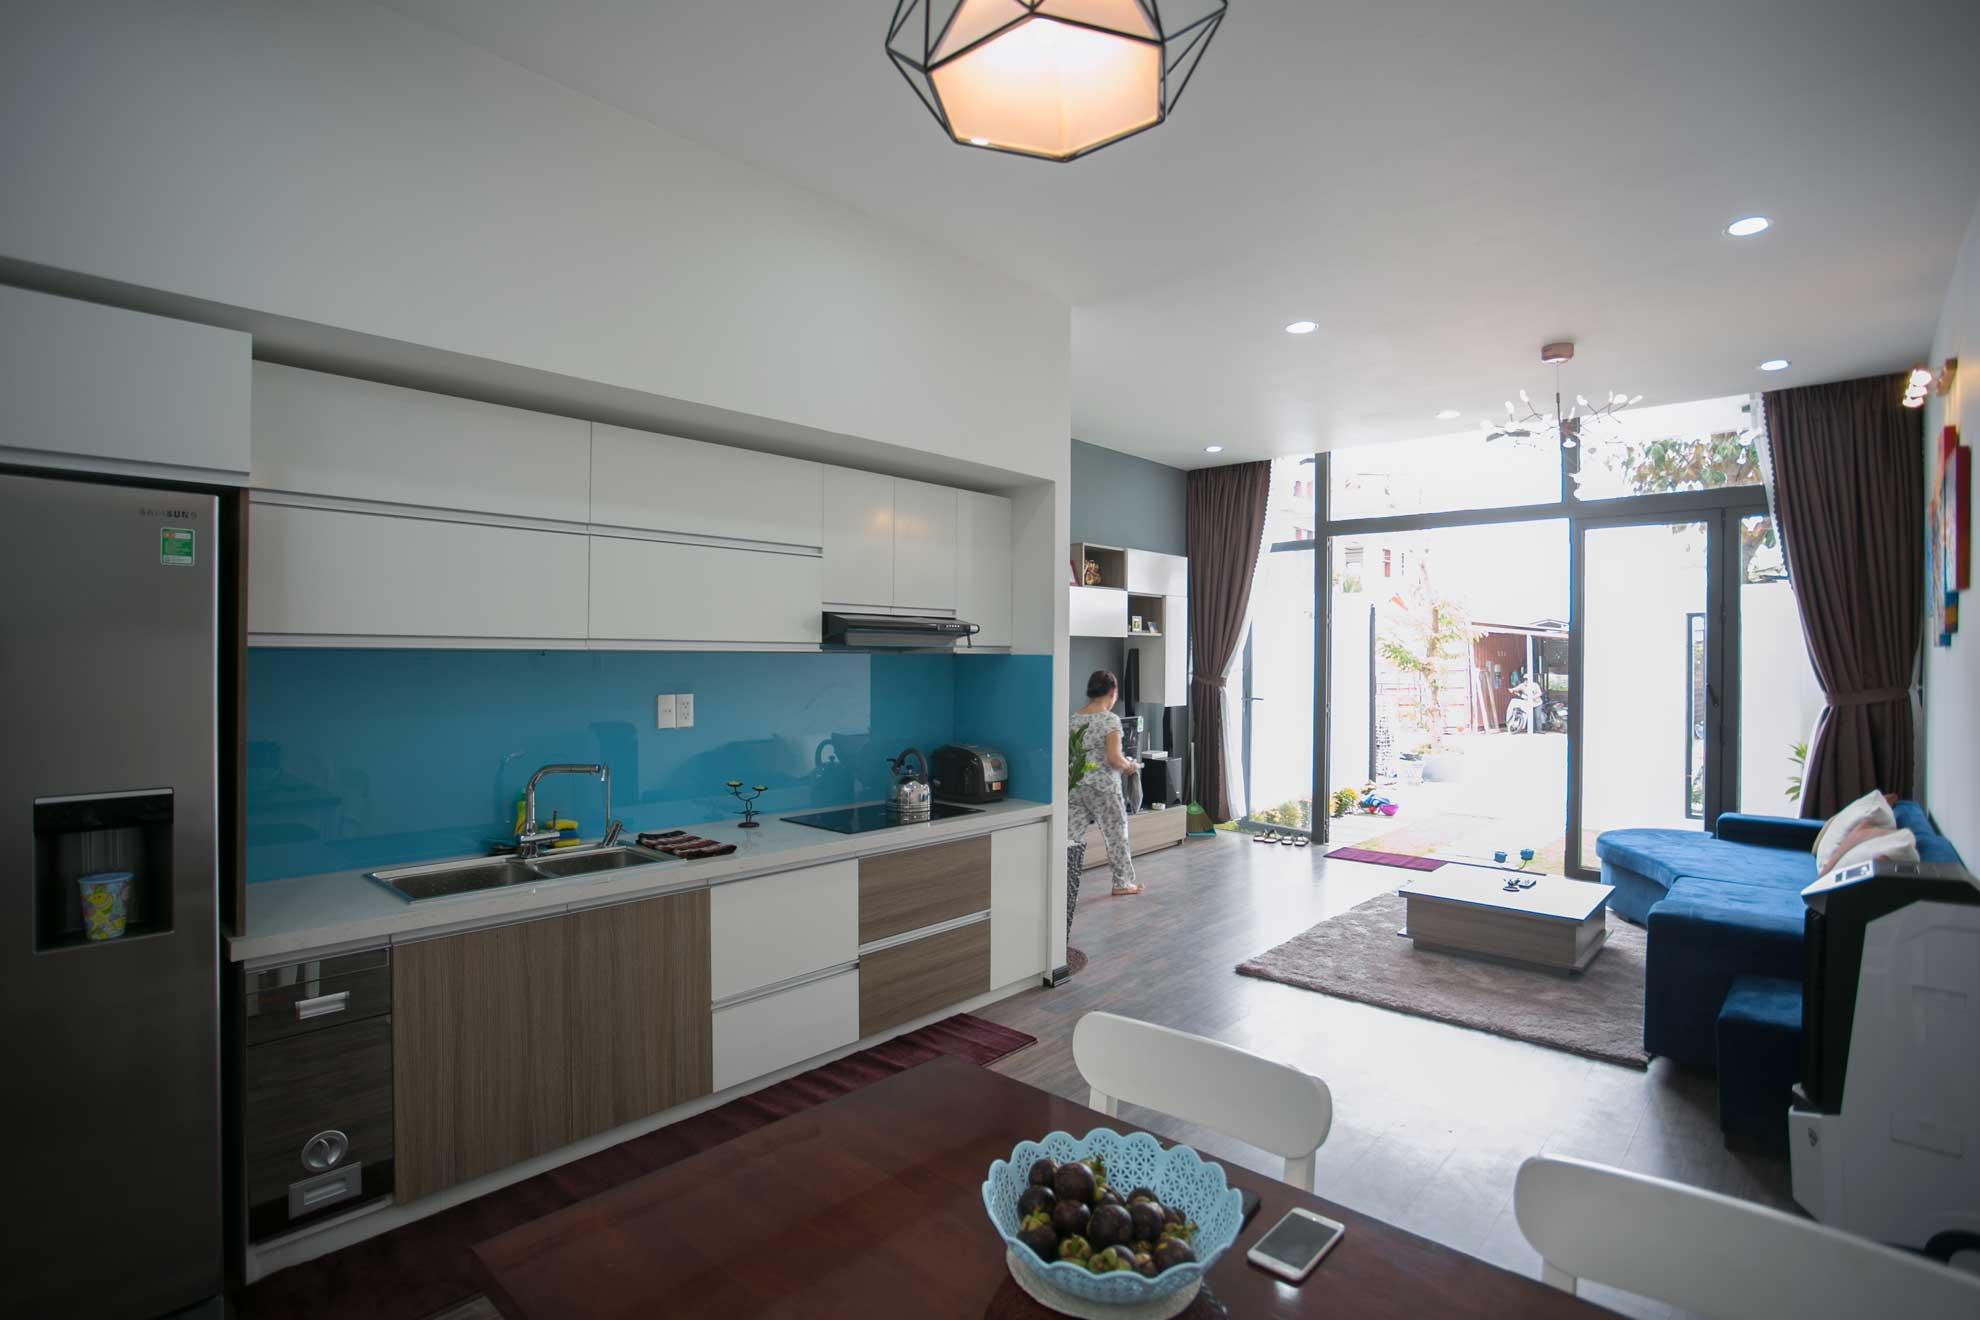 thiết kế Nhà tại Đà Nẵng BAO'S HOUSE 5 1551172105